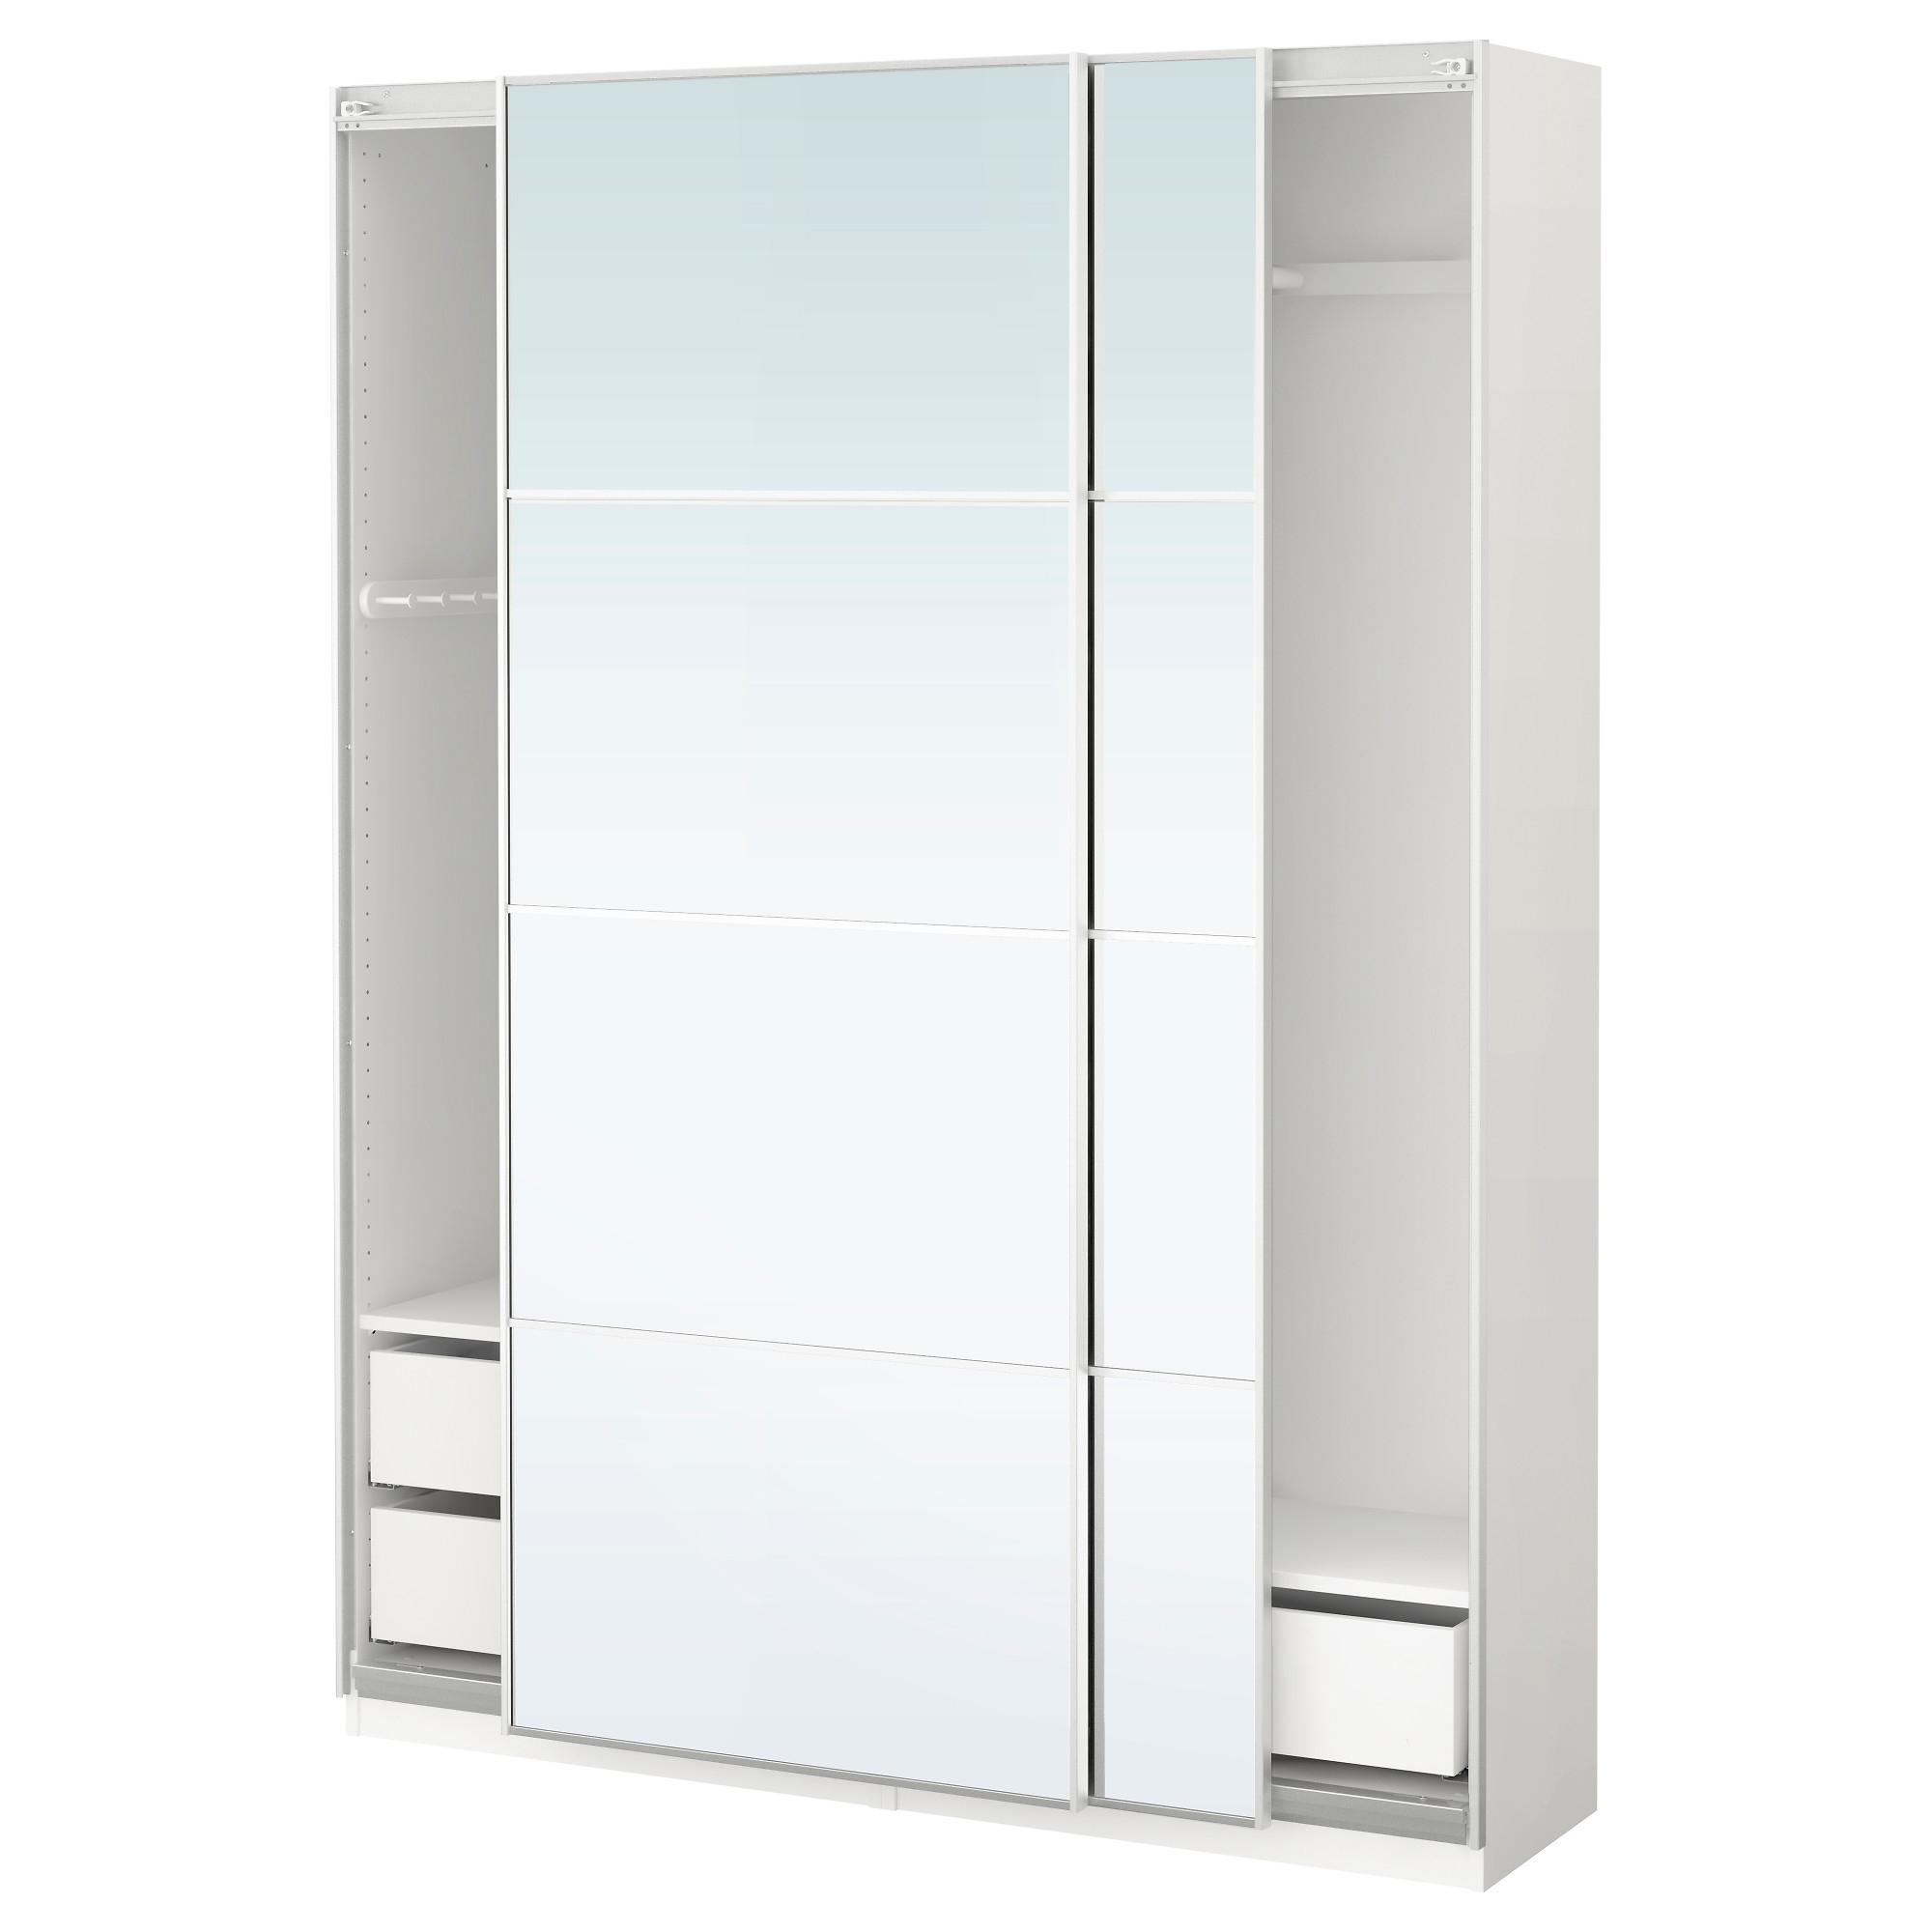 White Corner Armoire Wardrobe